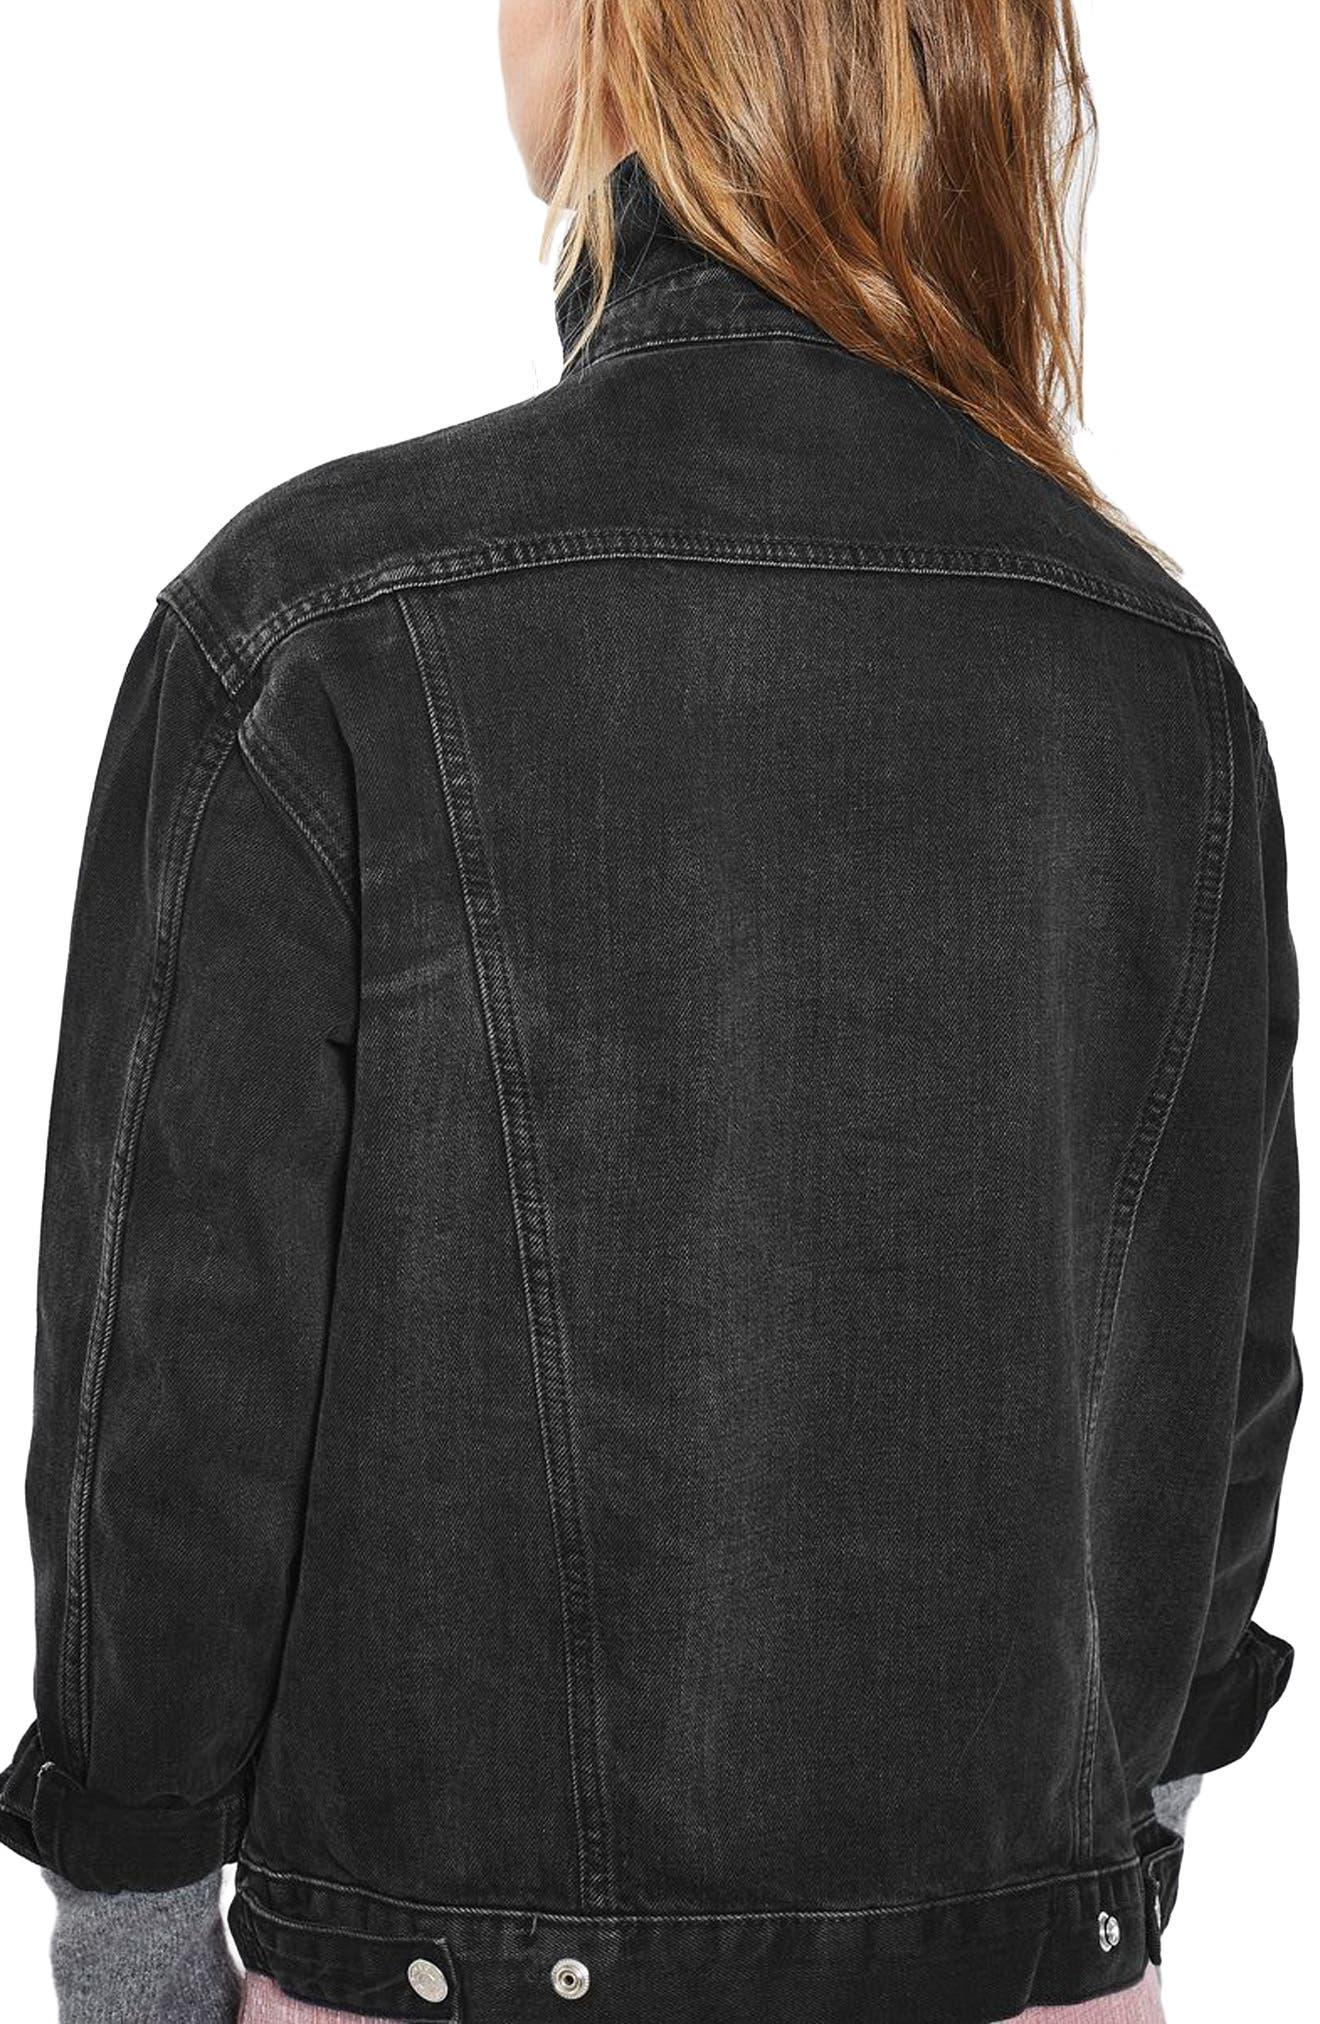 TOPSHOP, Oversize Denim Jacket, Alternate thumbnail 2, color, WASHED BLACK